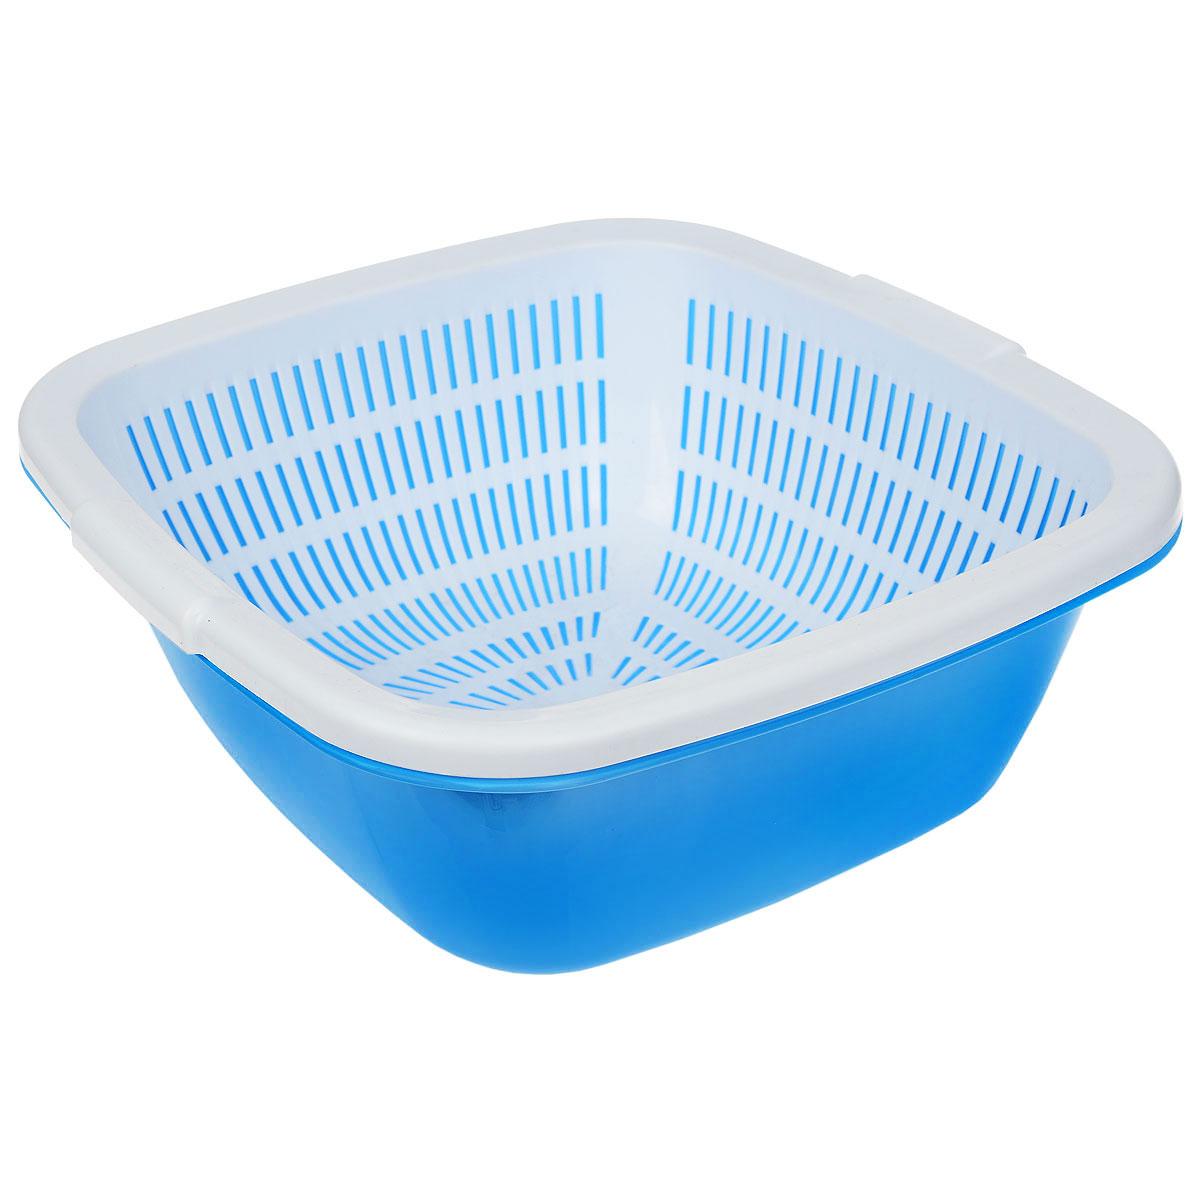 Дуршлаг квадратный Dunya Plastik, с поддоном, цвет: голубой, белый, 9,5 л10226_голубой/белыйДуршлаг квадратный Dunya Plastik, изготовленный из пластика, станет полезным приобретением для вашей кухни. Он идеально подходит для процеживания, ополаскивания и стекания макарон, овощей, фруктов. Дуршлаг оснащен поддоном, устойчивым основанием и удобными ручками по бокам. Размер дуршлага по верхнему краю (с учетом ручек): 33,5 см х 35 см. Внутренний размер дуршлага: 29,5 см х 29,5 см. Высота стенки дуршлага: 14 см. Размер поддона: 33,5 см х 33,5 см х 13,5 см.